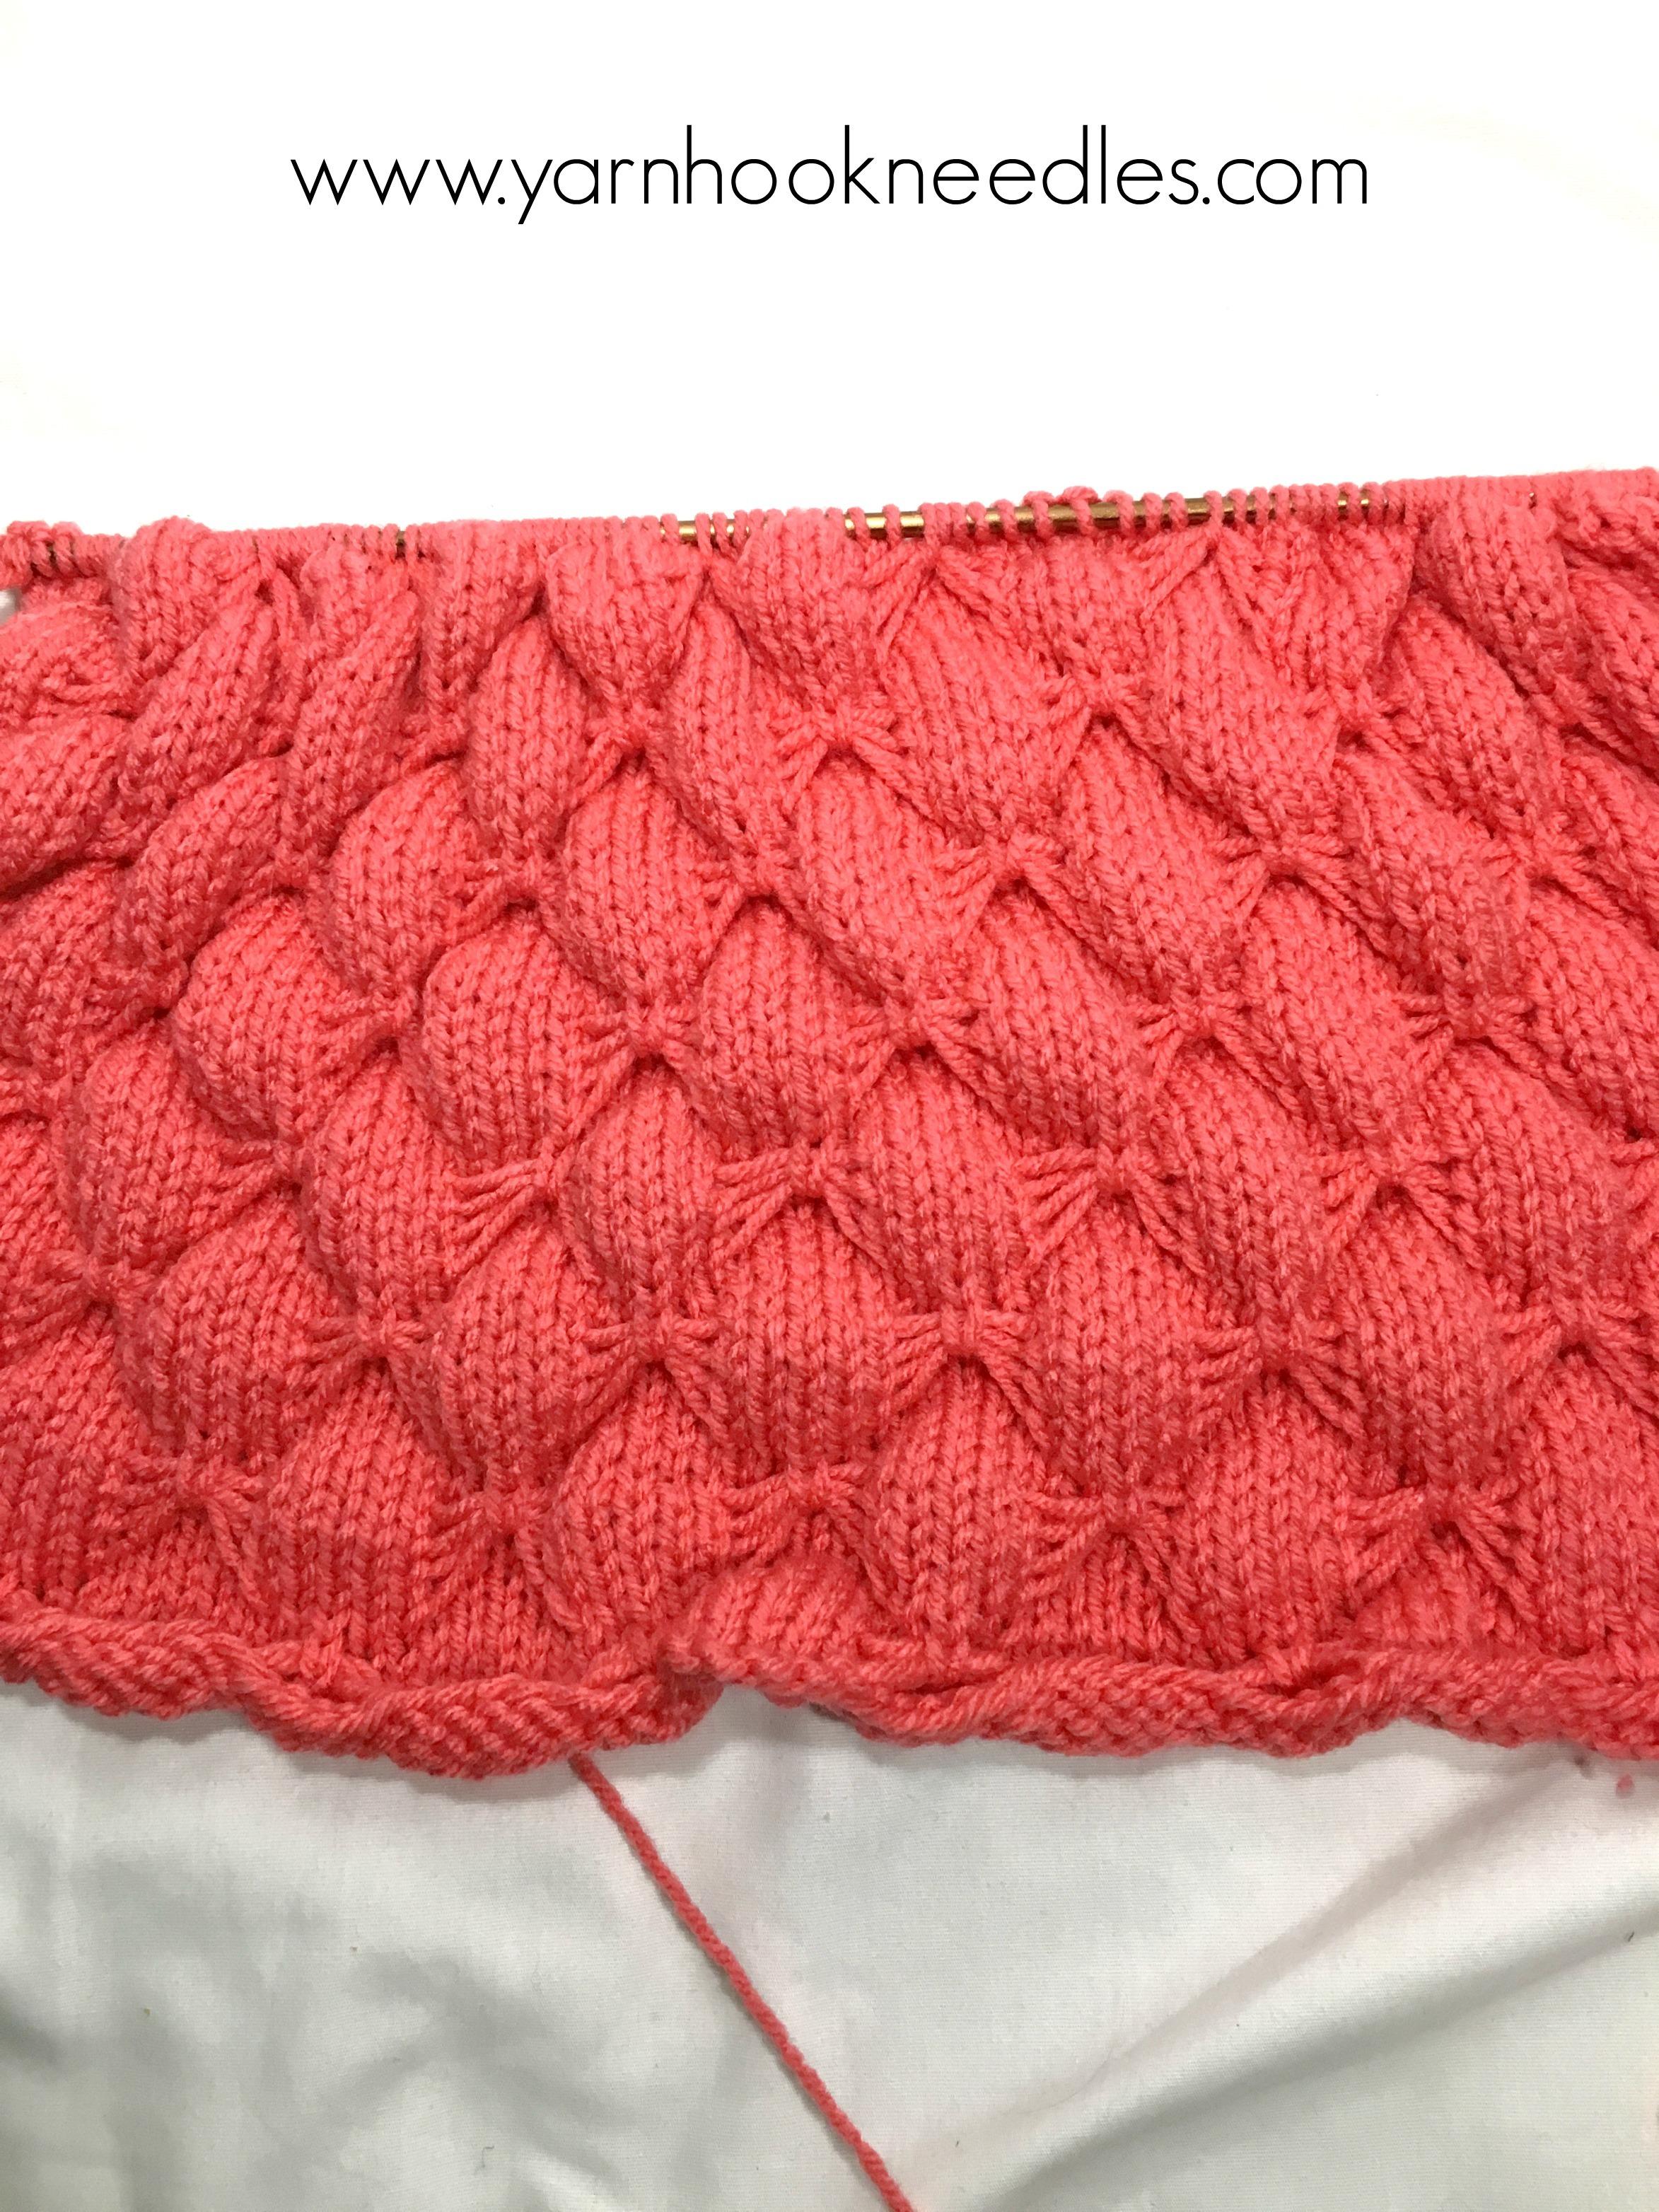 The Butterfly Knit Stitch Pattern - Yarn|Hook|Needles - YarnHookNeedles